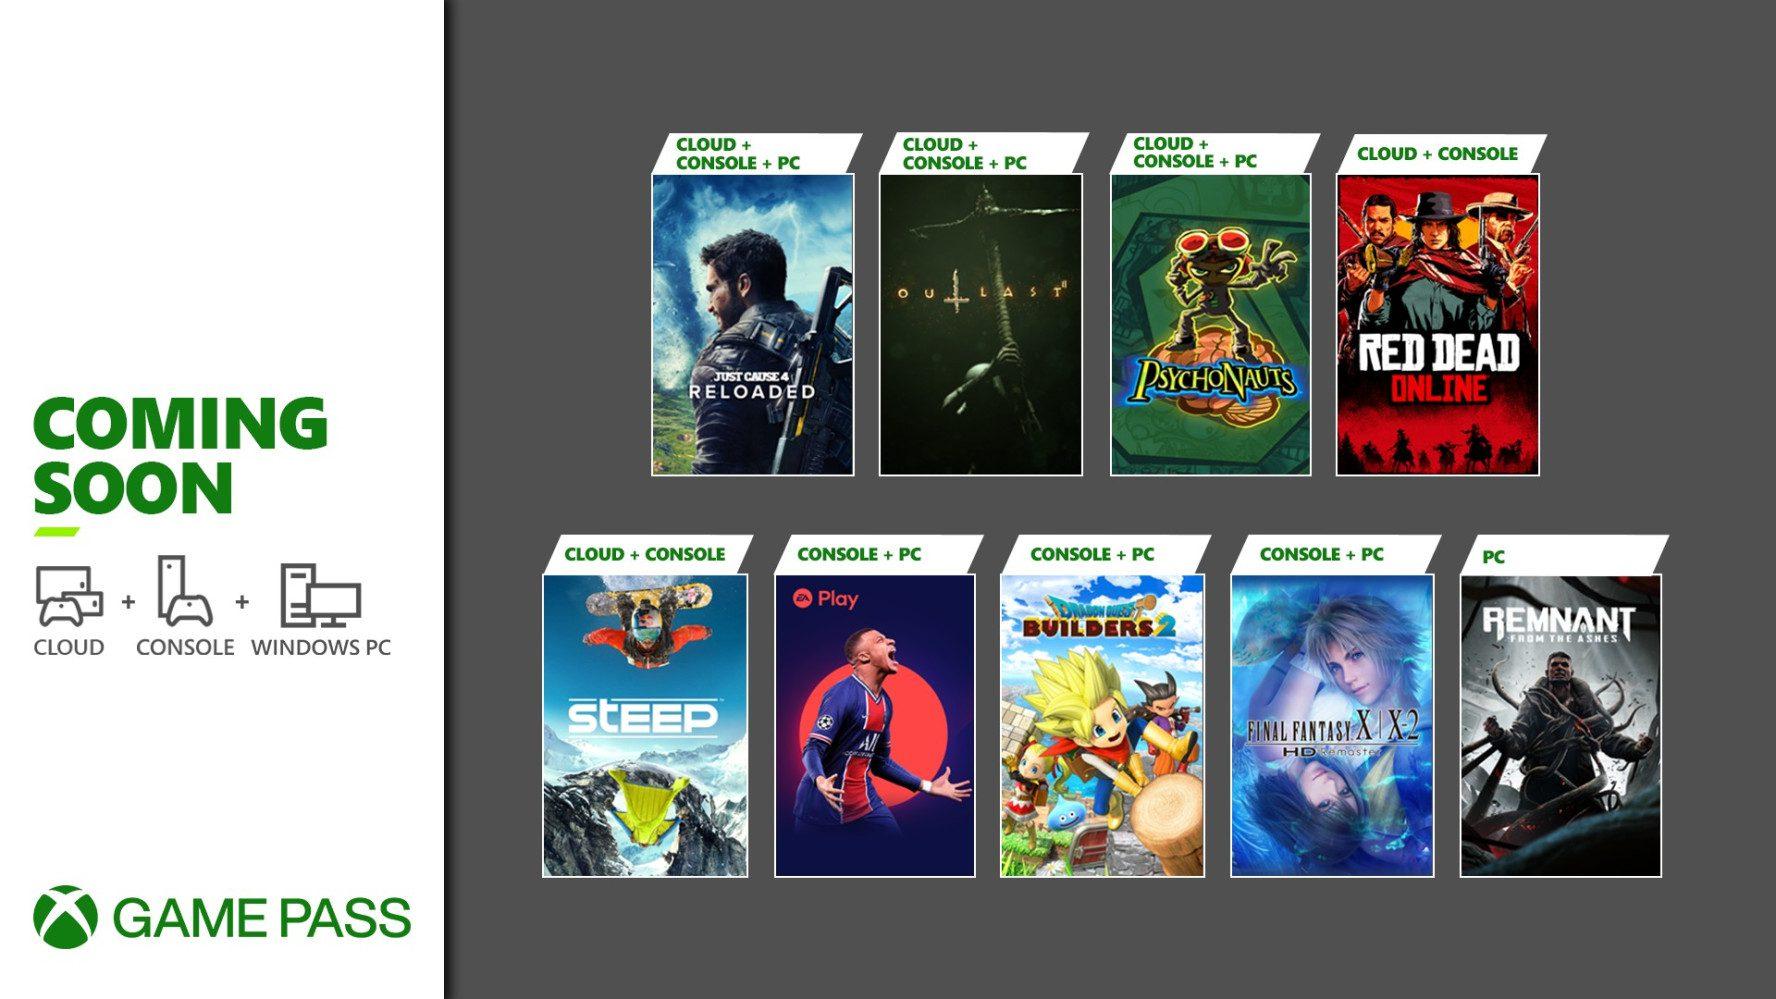 Desvelados los nuevos juegos que entran a Xbox Game Pass en mayo